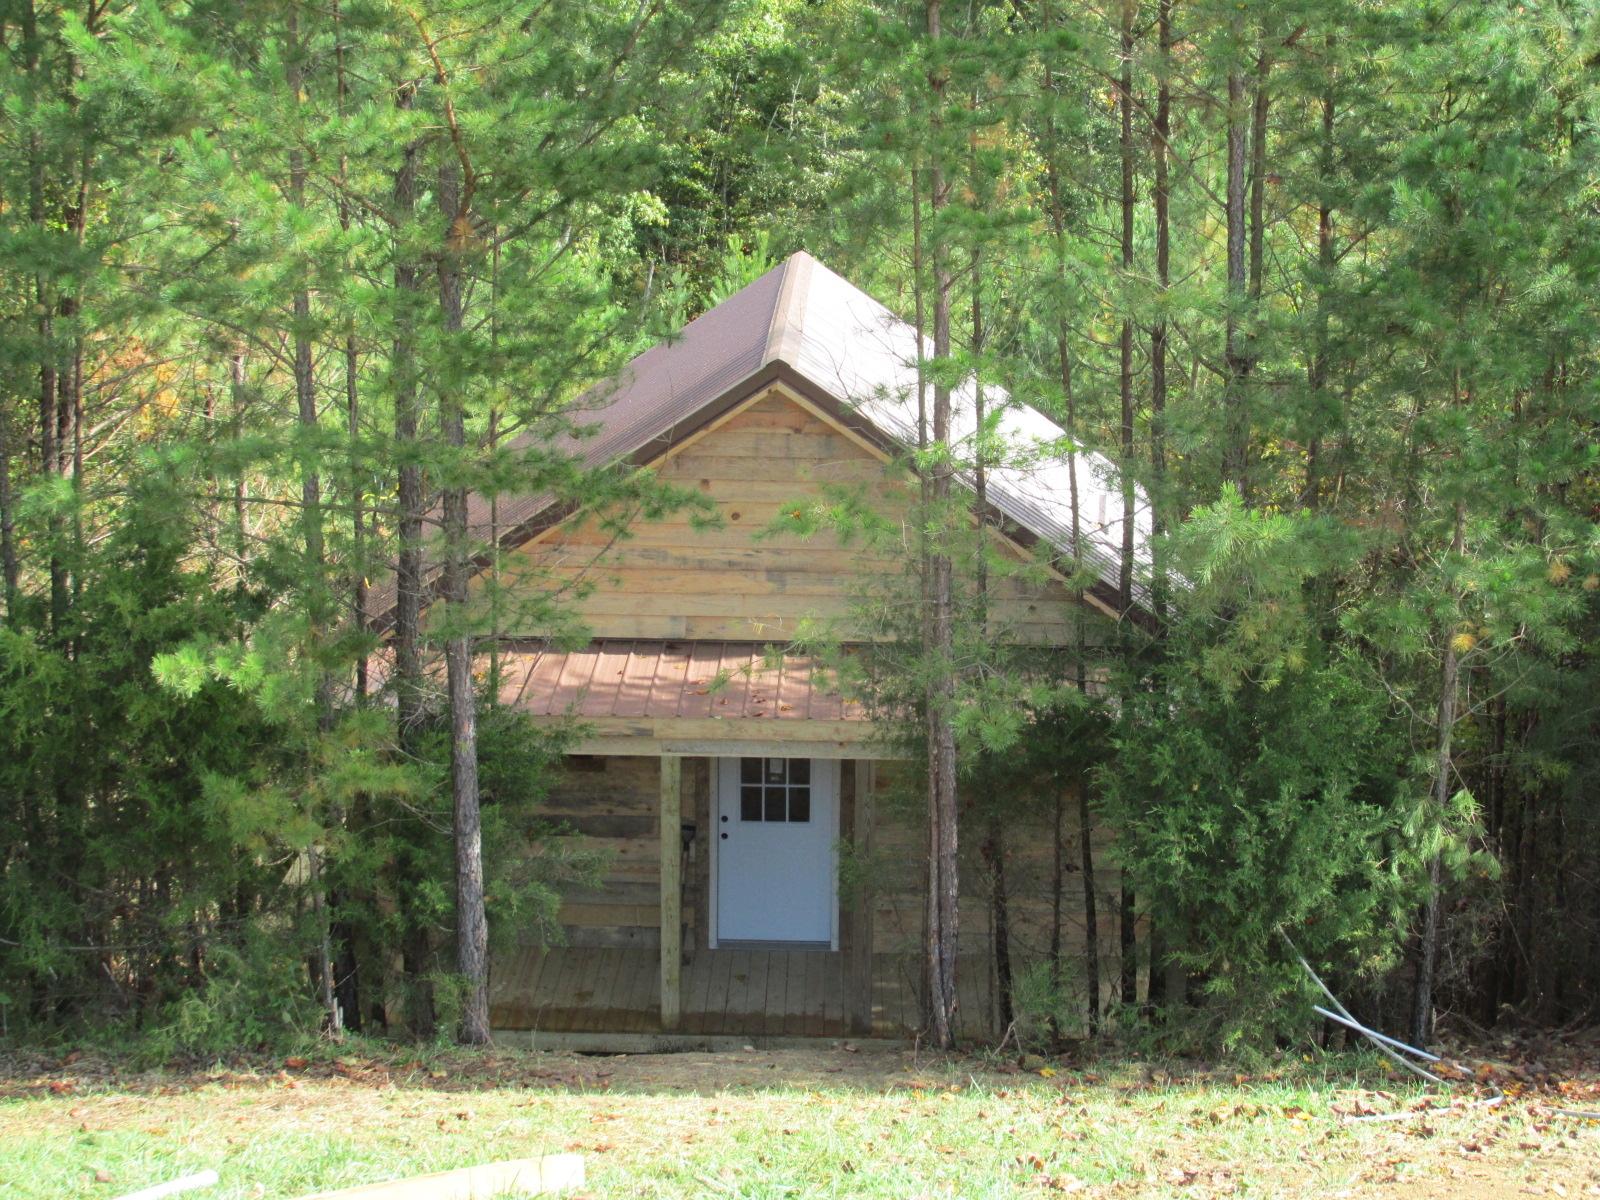 Wildcat cabin rentals in east bernstadt ky 40729 for Kentucky cabins rentals